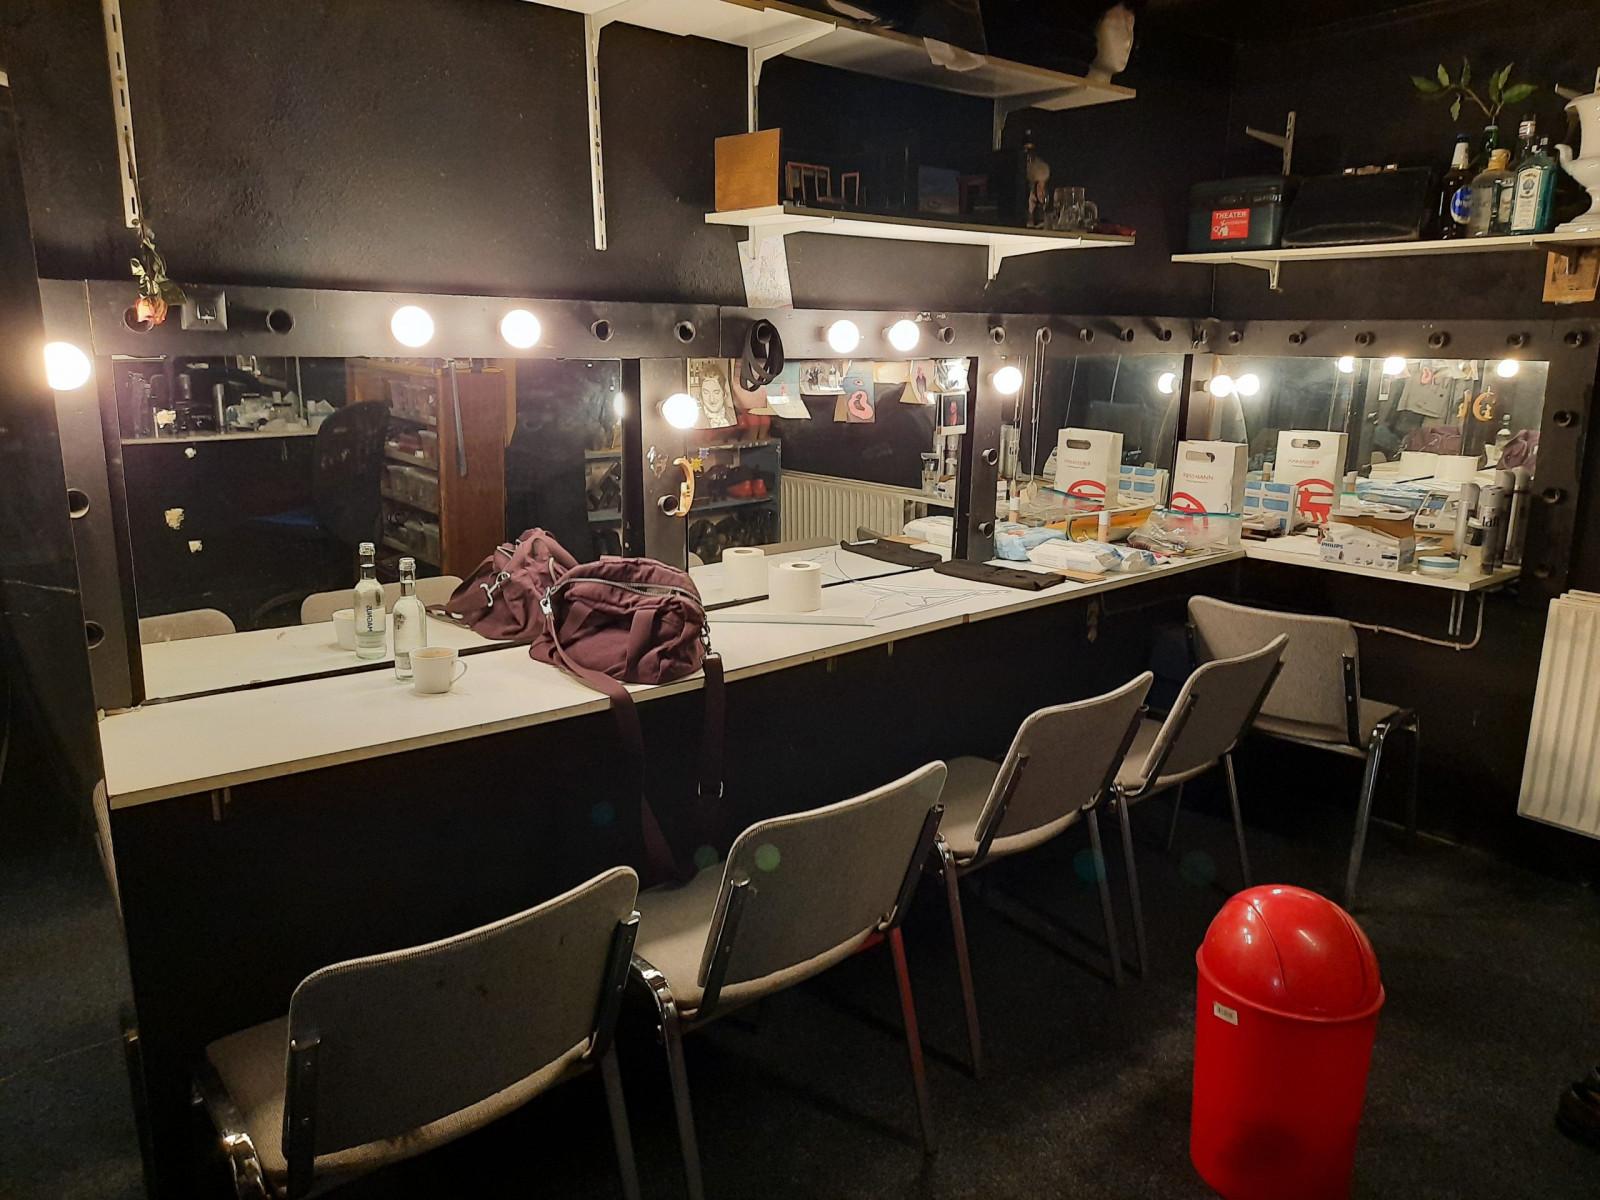 Hygienemaßnahmen - Theater Die Komödianten Kiel